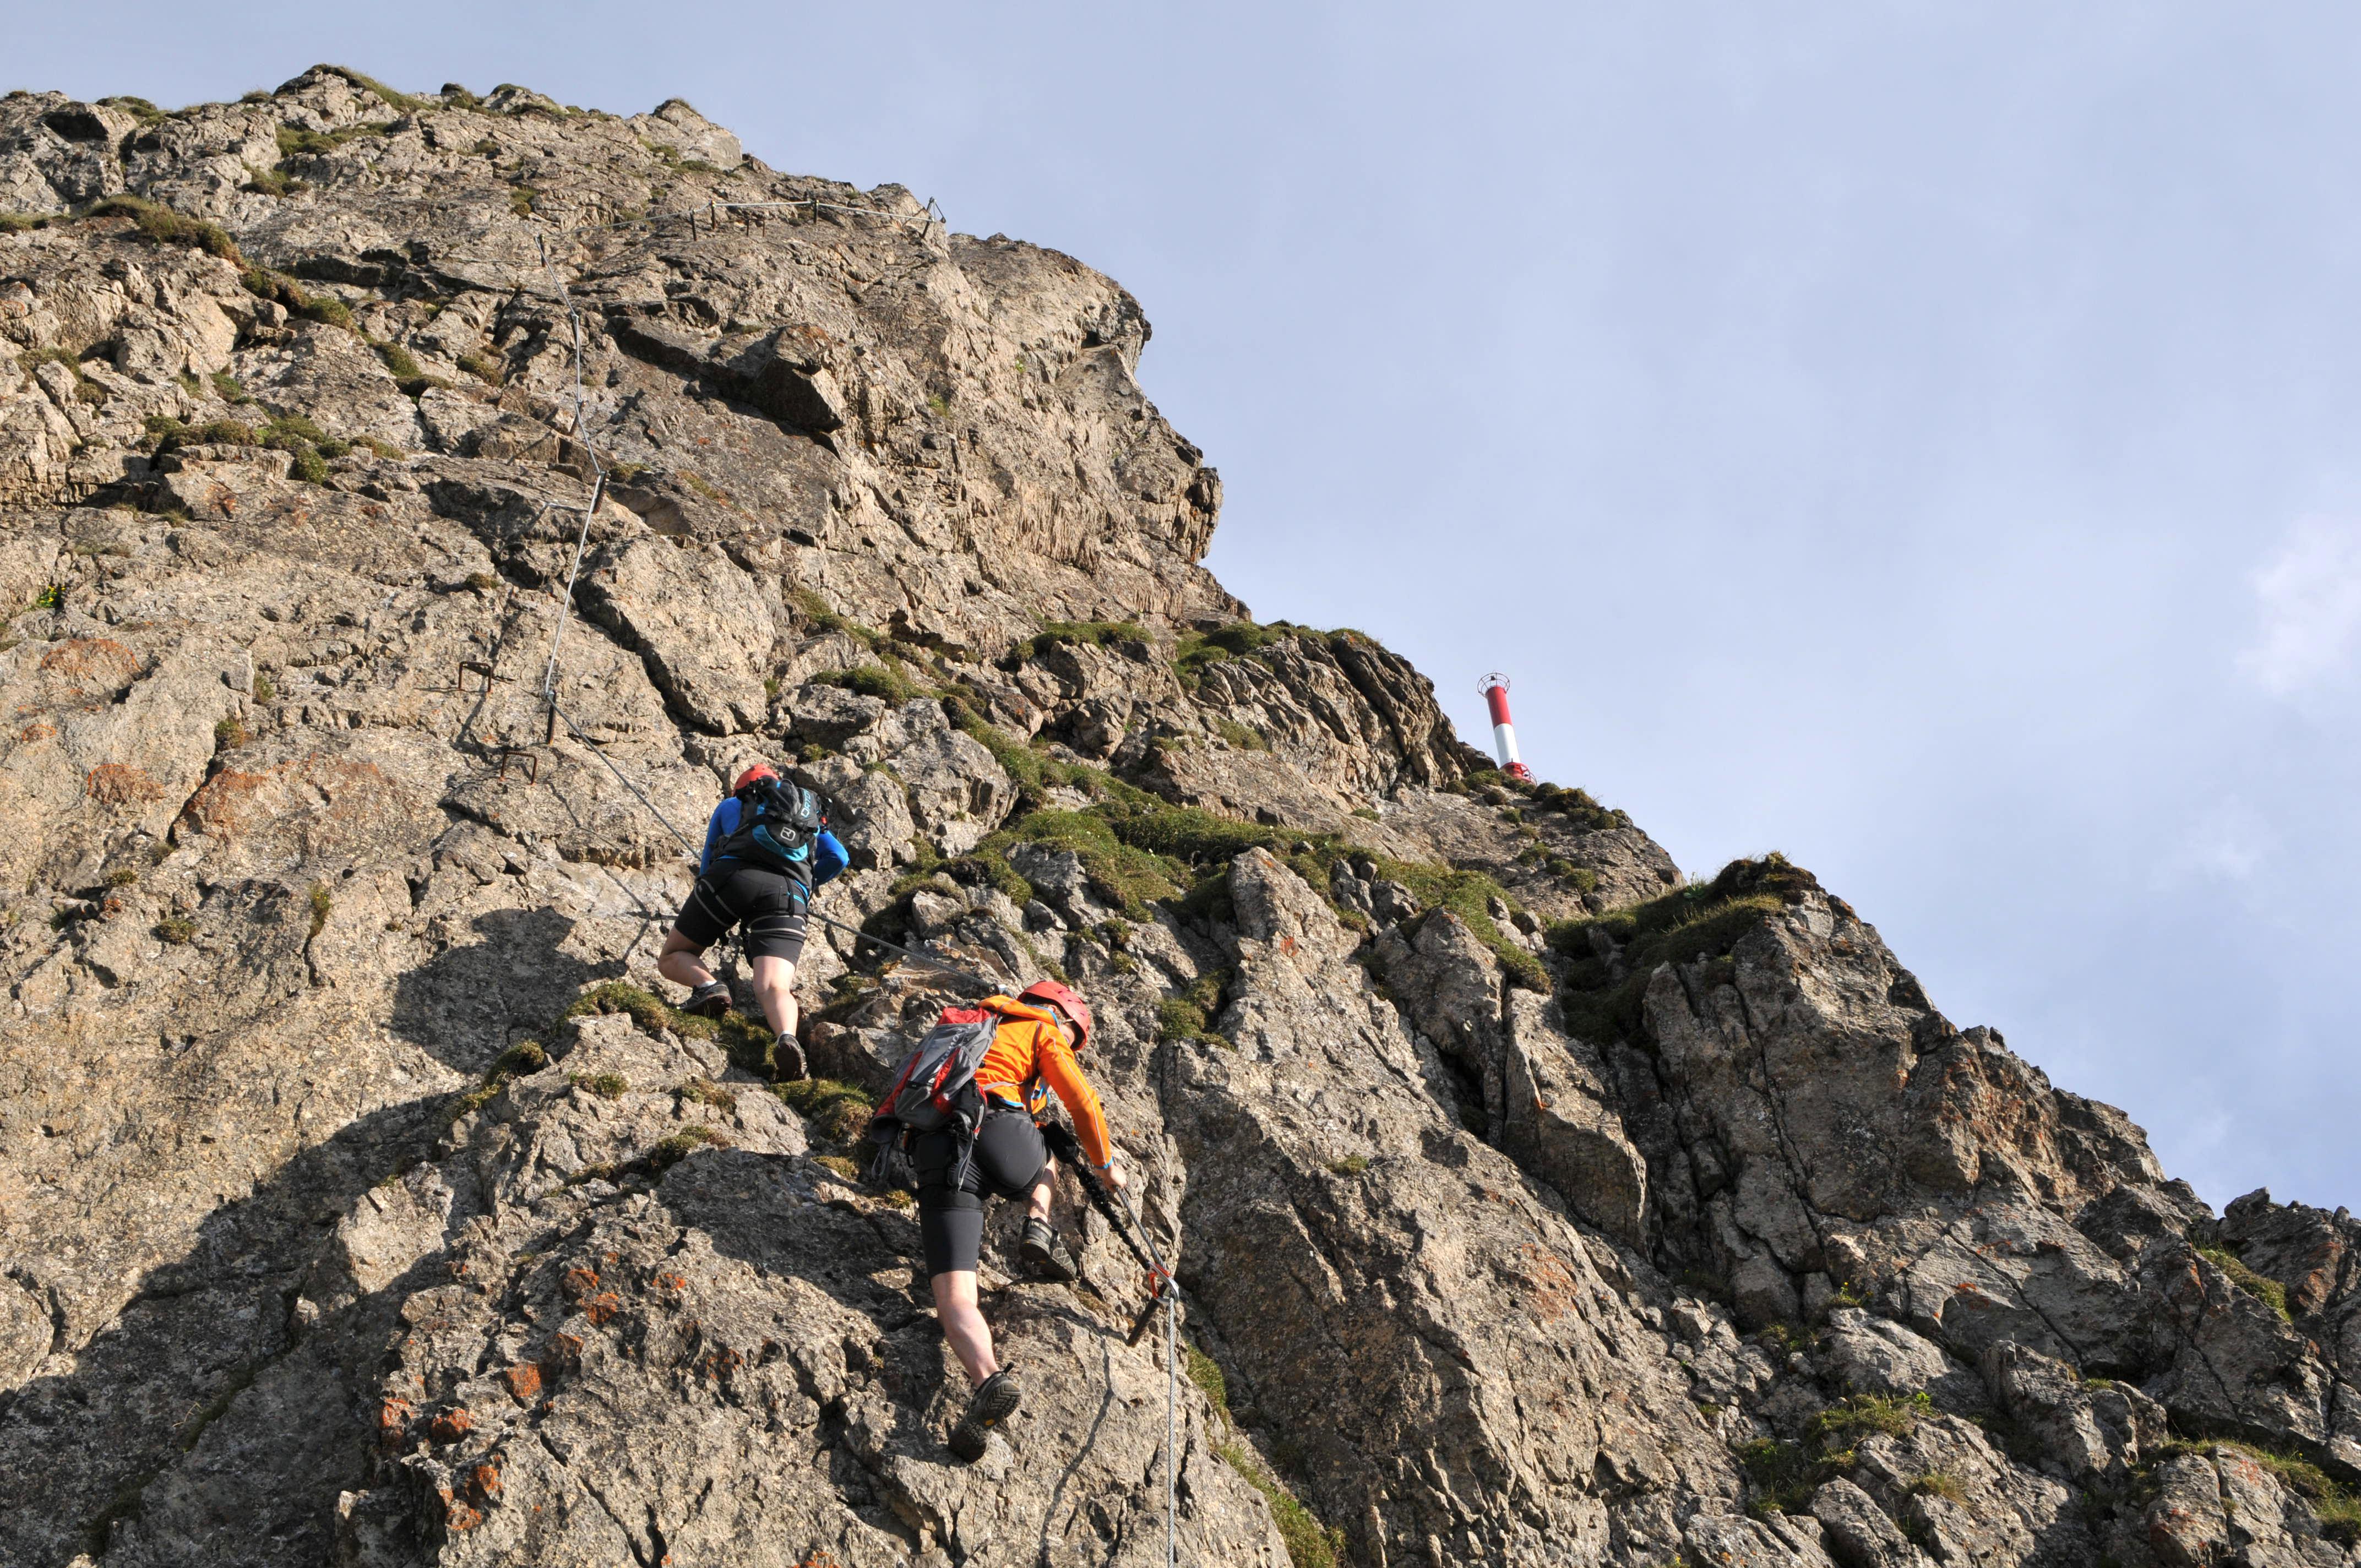 Klettersteig Kitzbühel : Klettersteige kitzbüheler horn st. johann in tirol